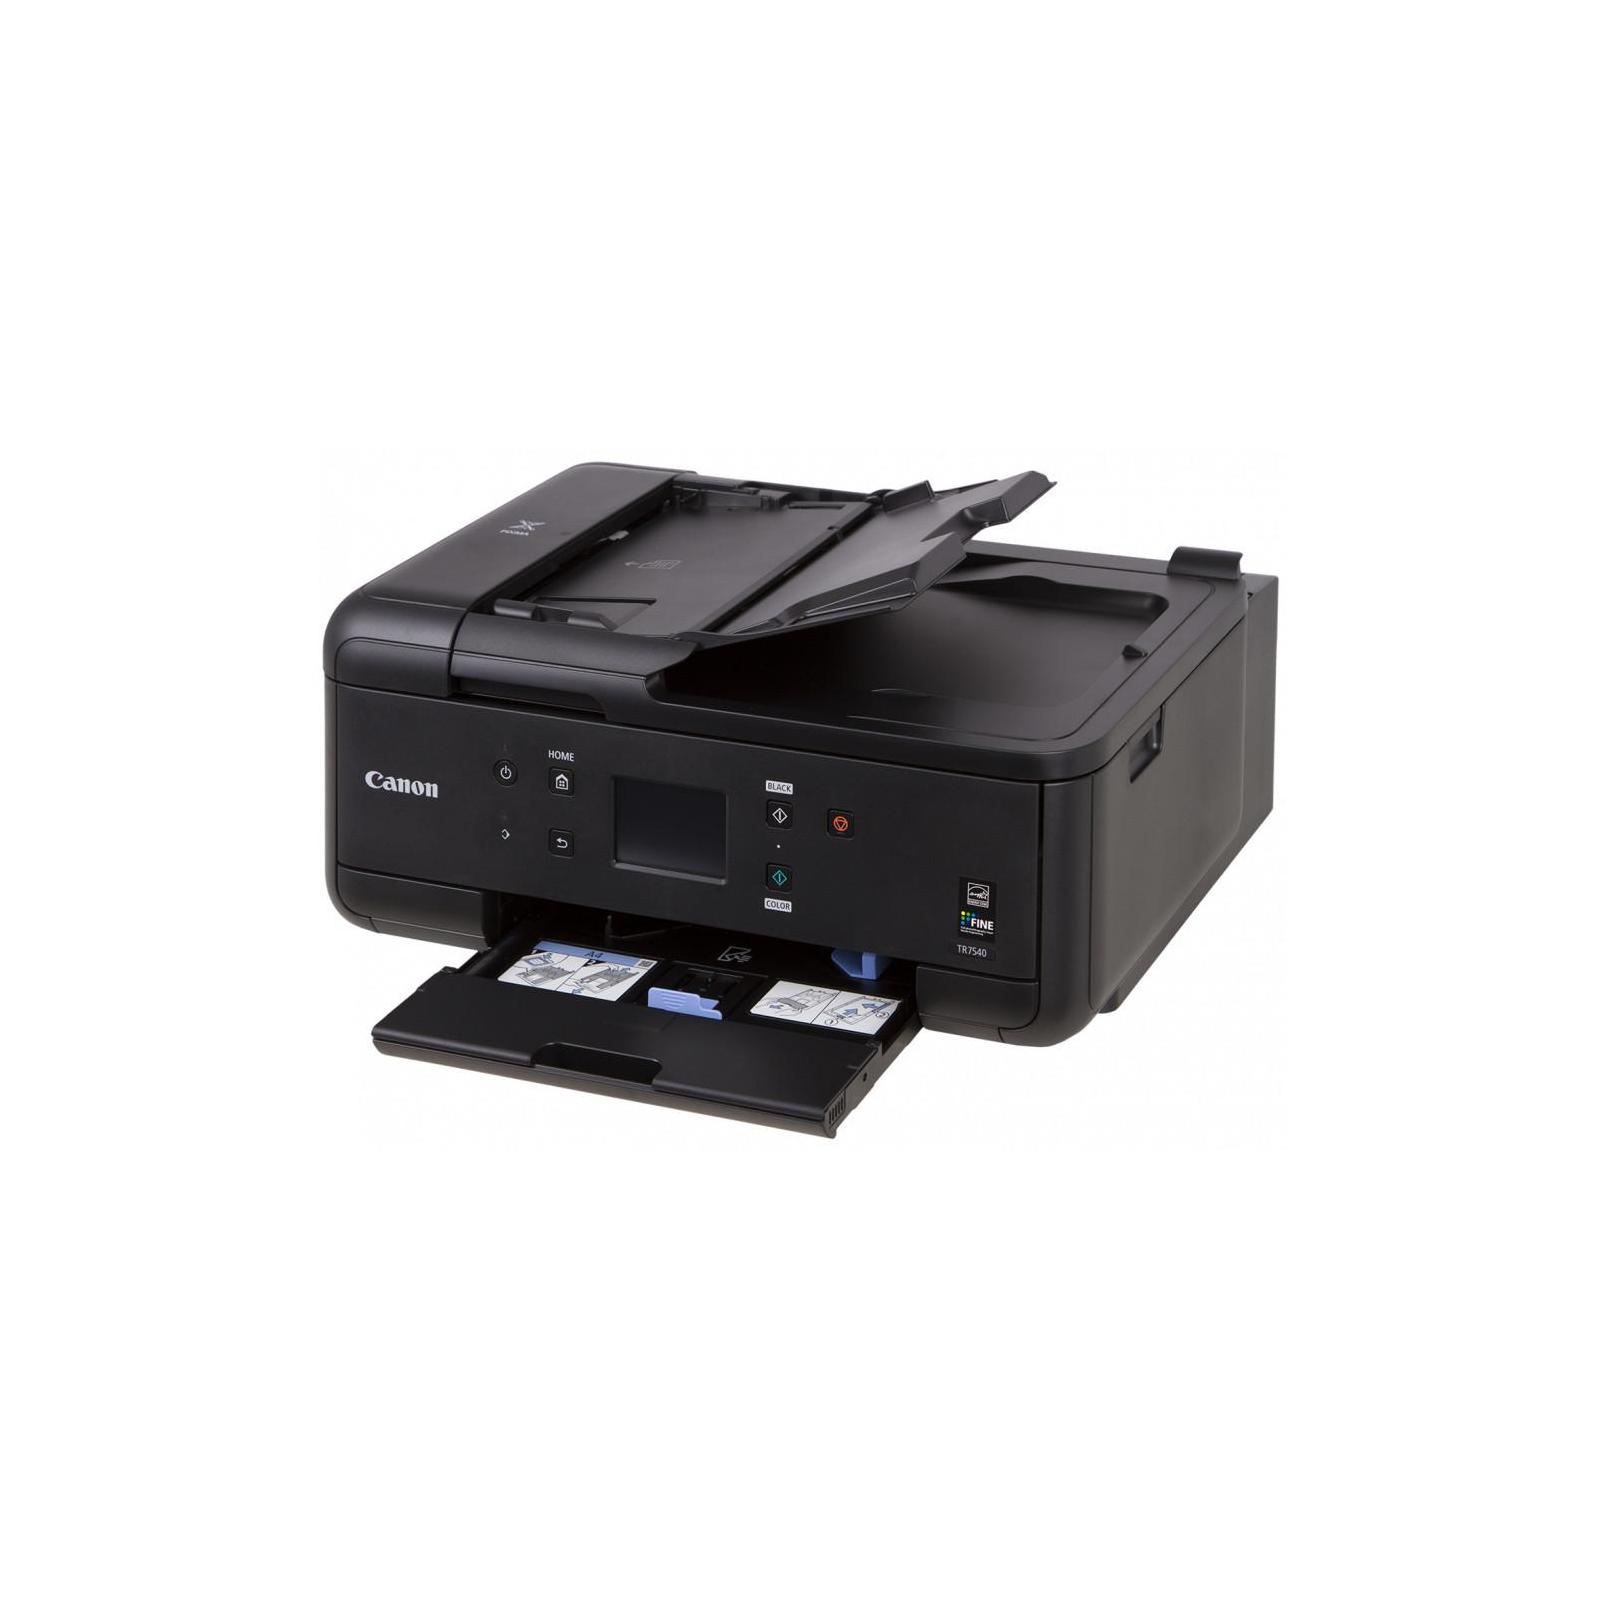 Многофункциональное устройство Canon PIXMA TR7540 BLACK (2232C007) изображение 3